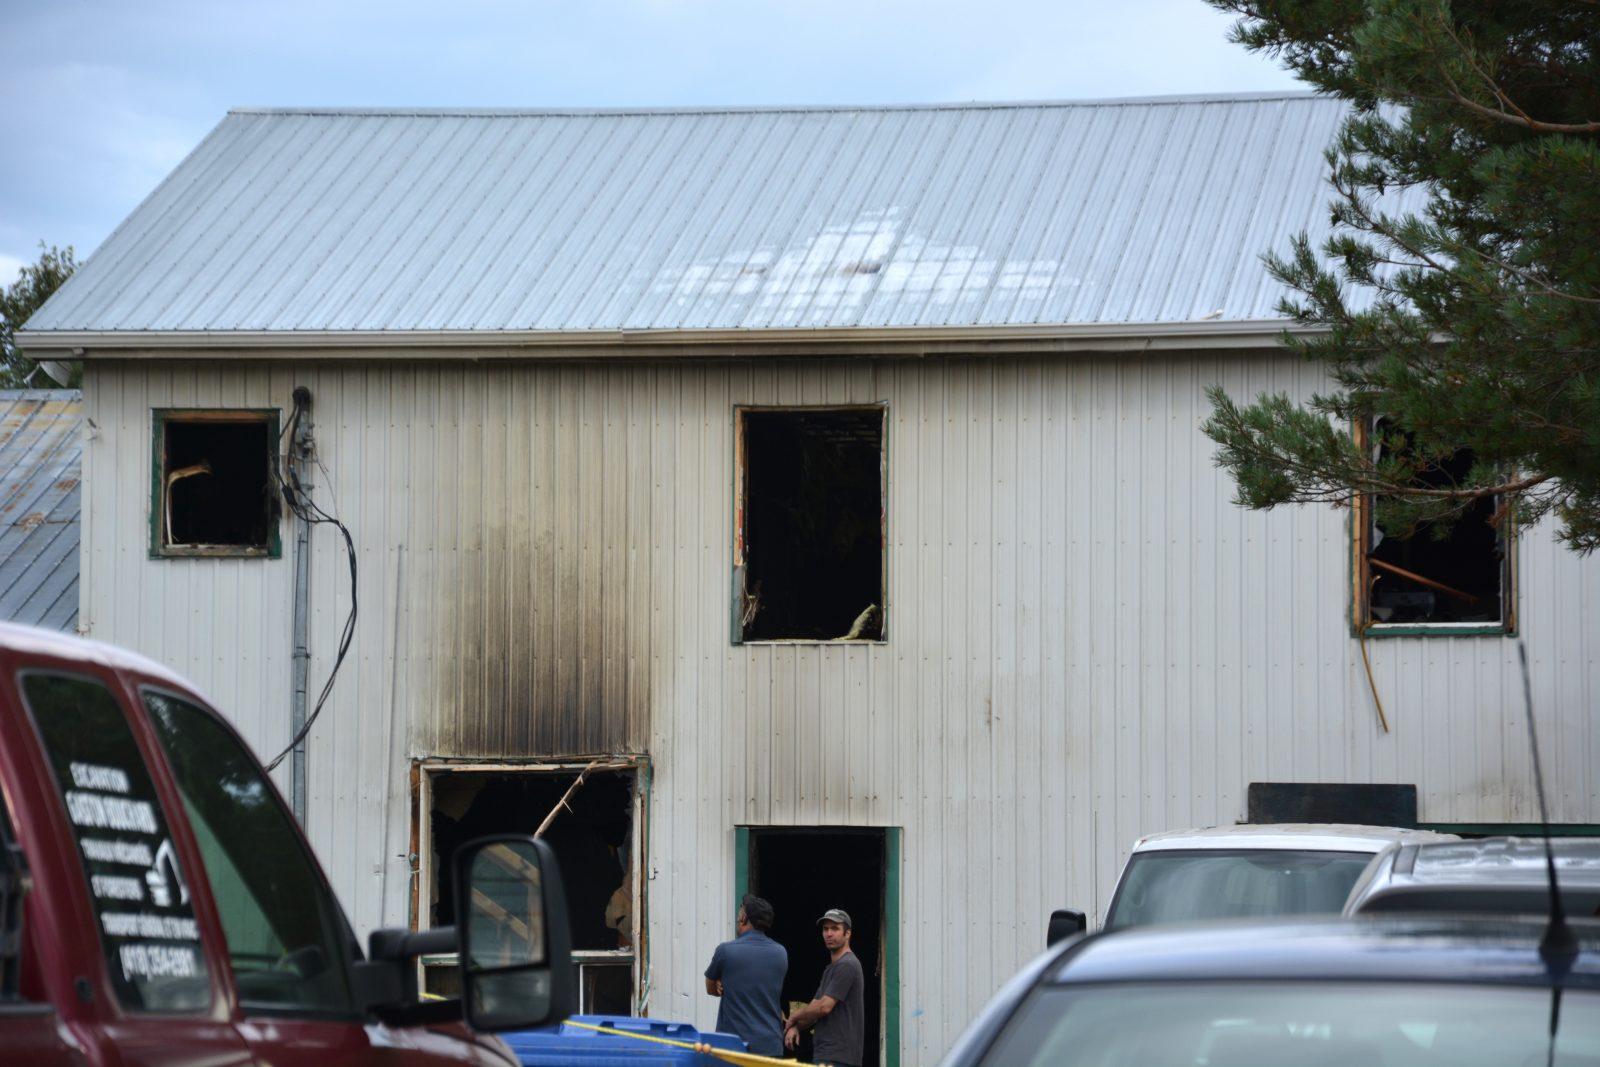 La foudre aurait causé d'importants dommages à l'atelier Les Jouets de bois